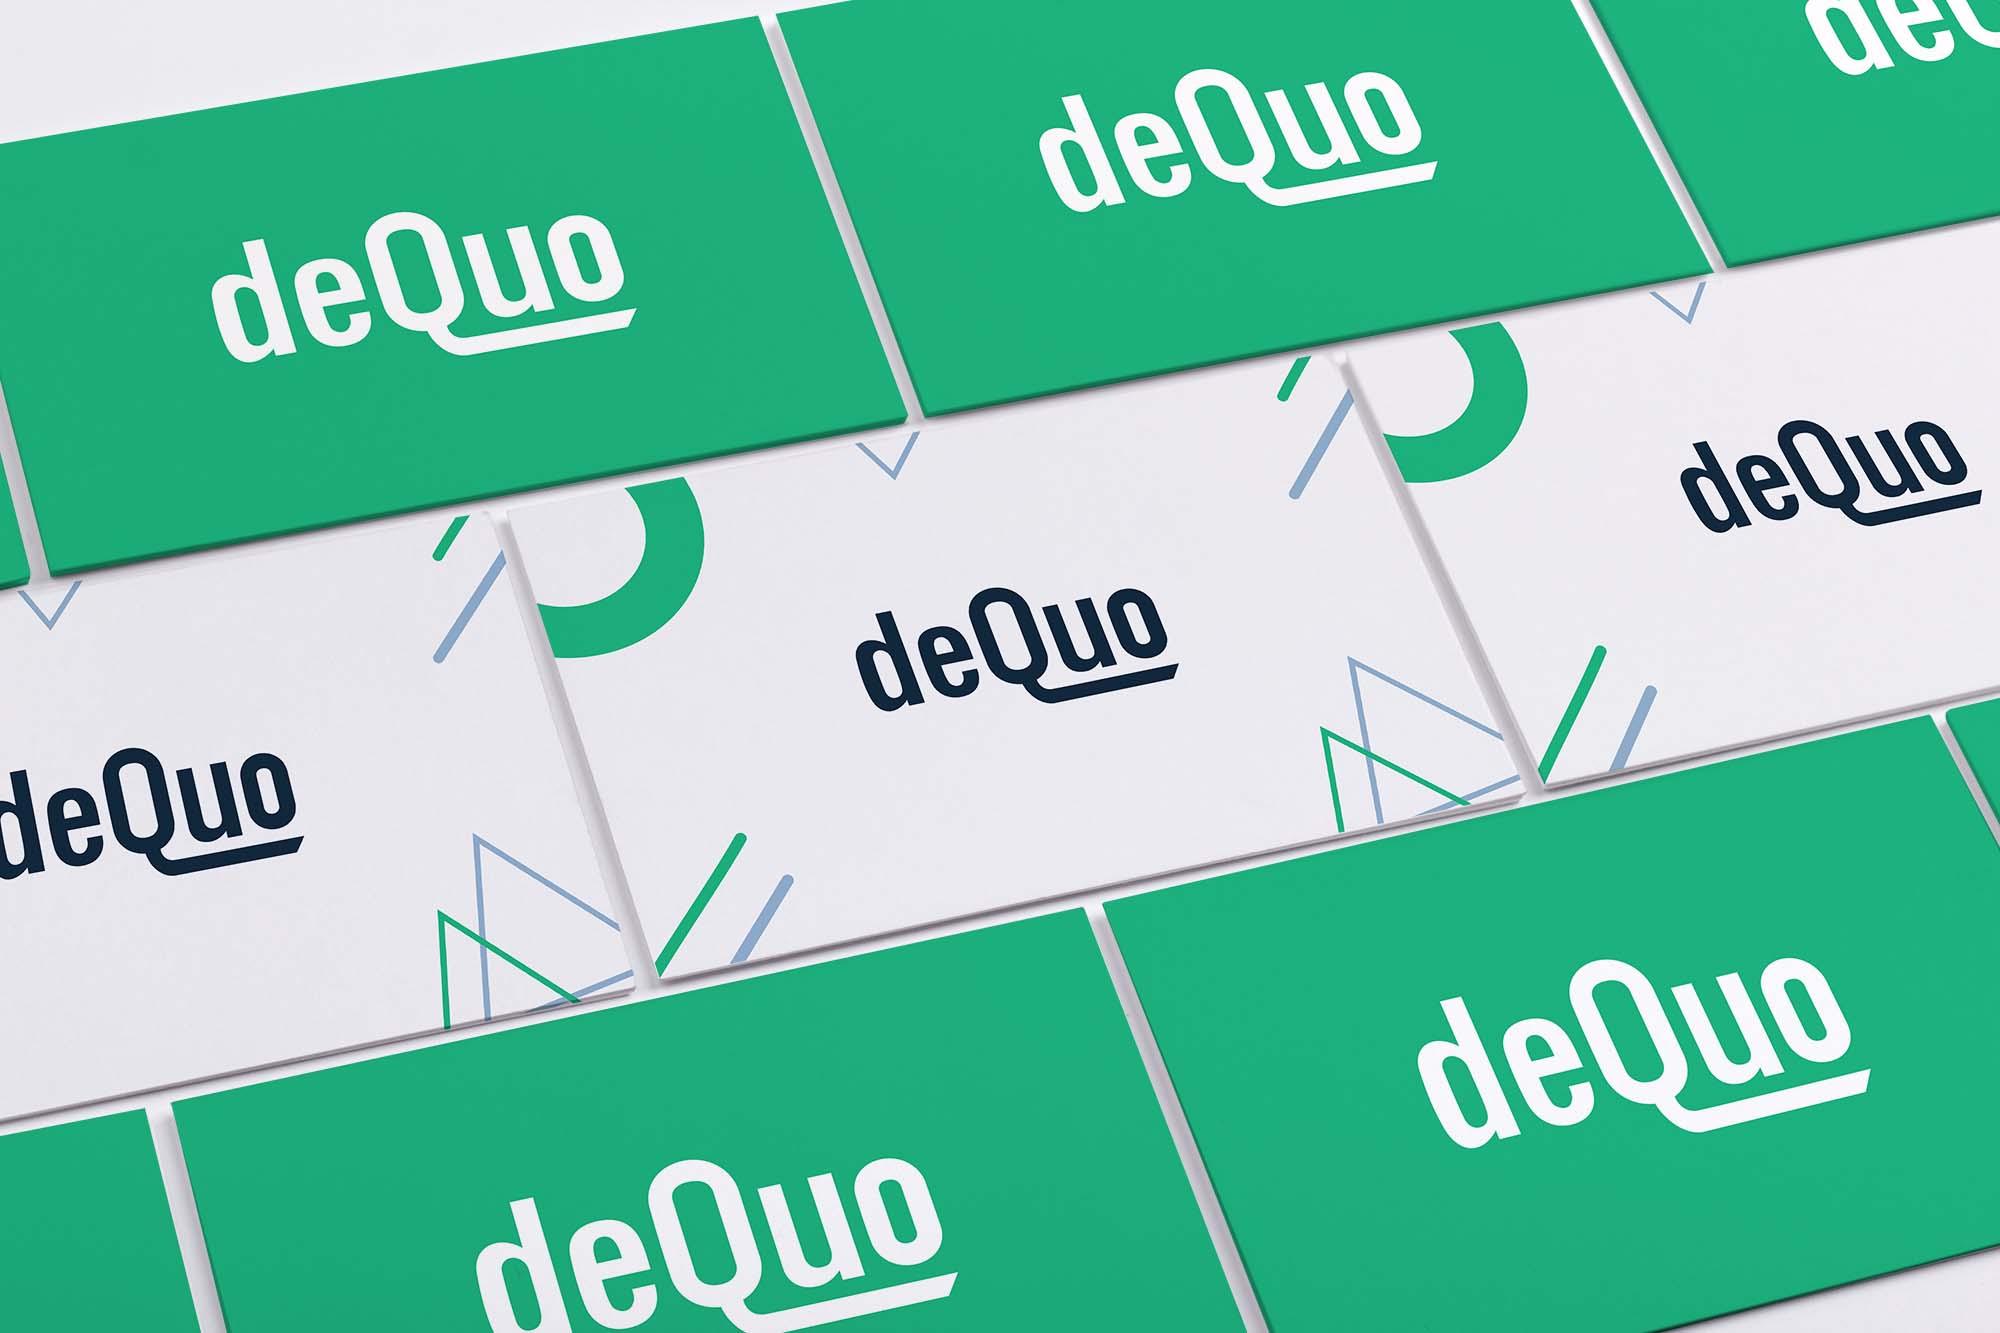 bv-dequo